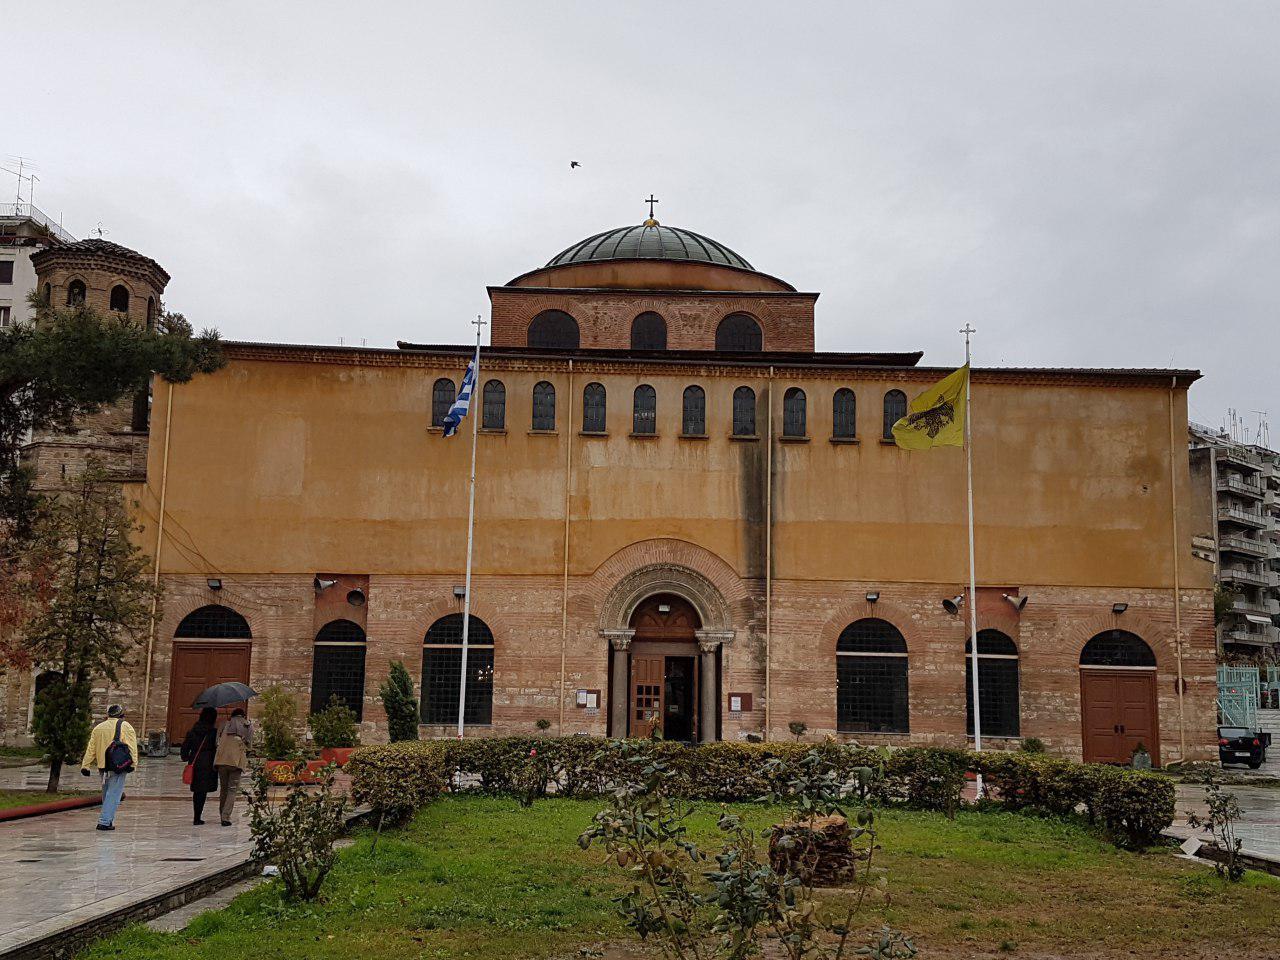 """כנסיית אגיה סופיה, האחות הקטנה של הכנסייה באיסטנבול (צילום: אחיה ראב""""ד)"""